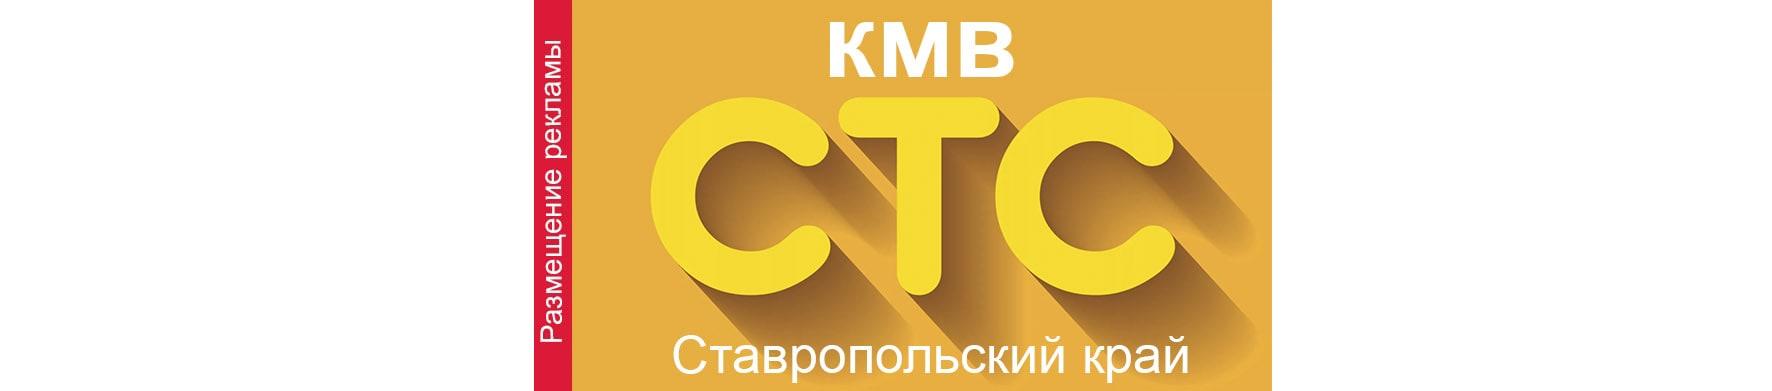 Реклама на телевидении в Ставропольском крае СТС